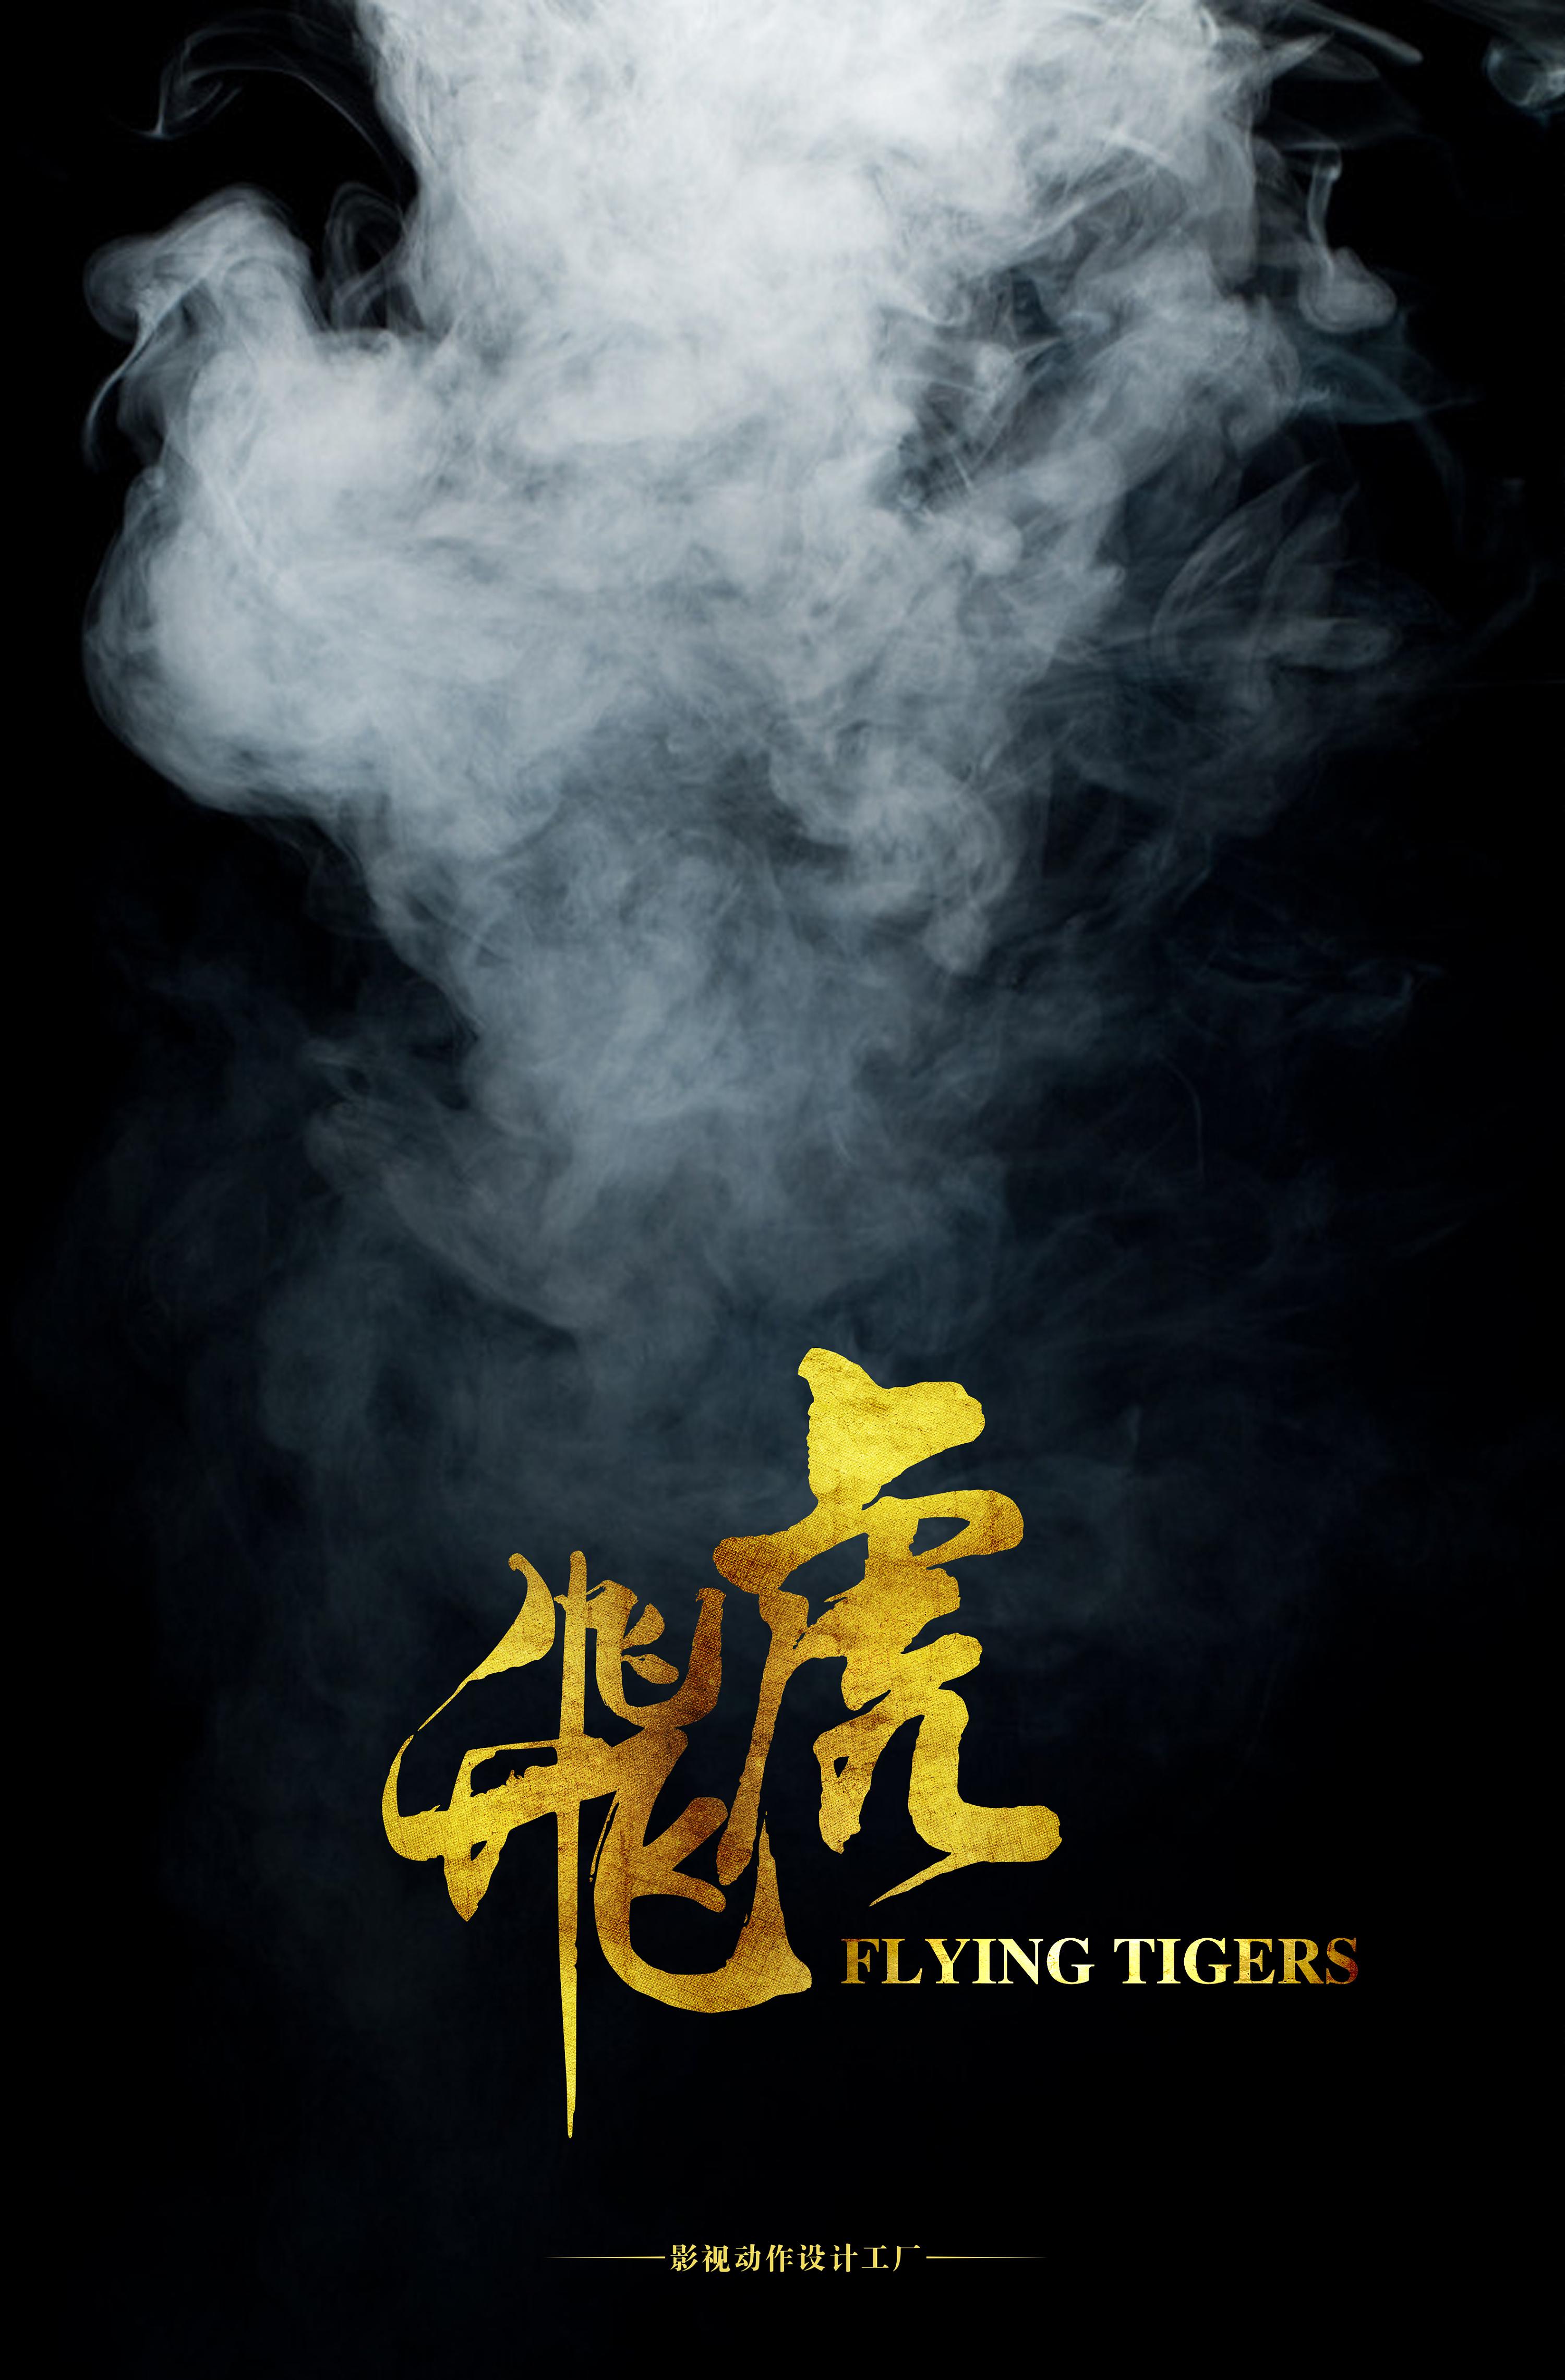 电影海报制作之《飞虎文字》